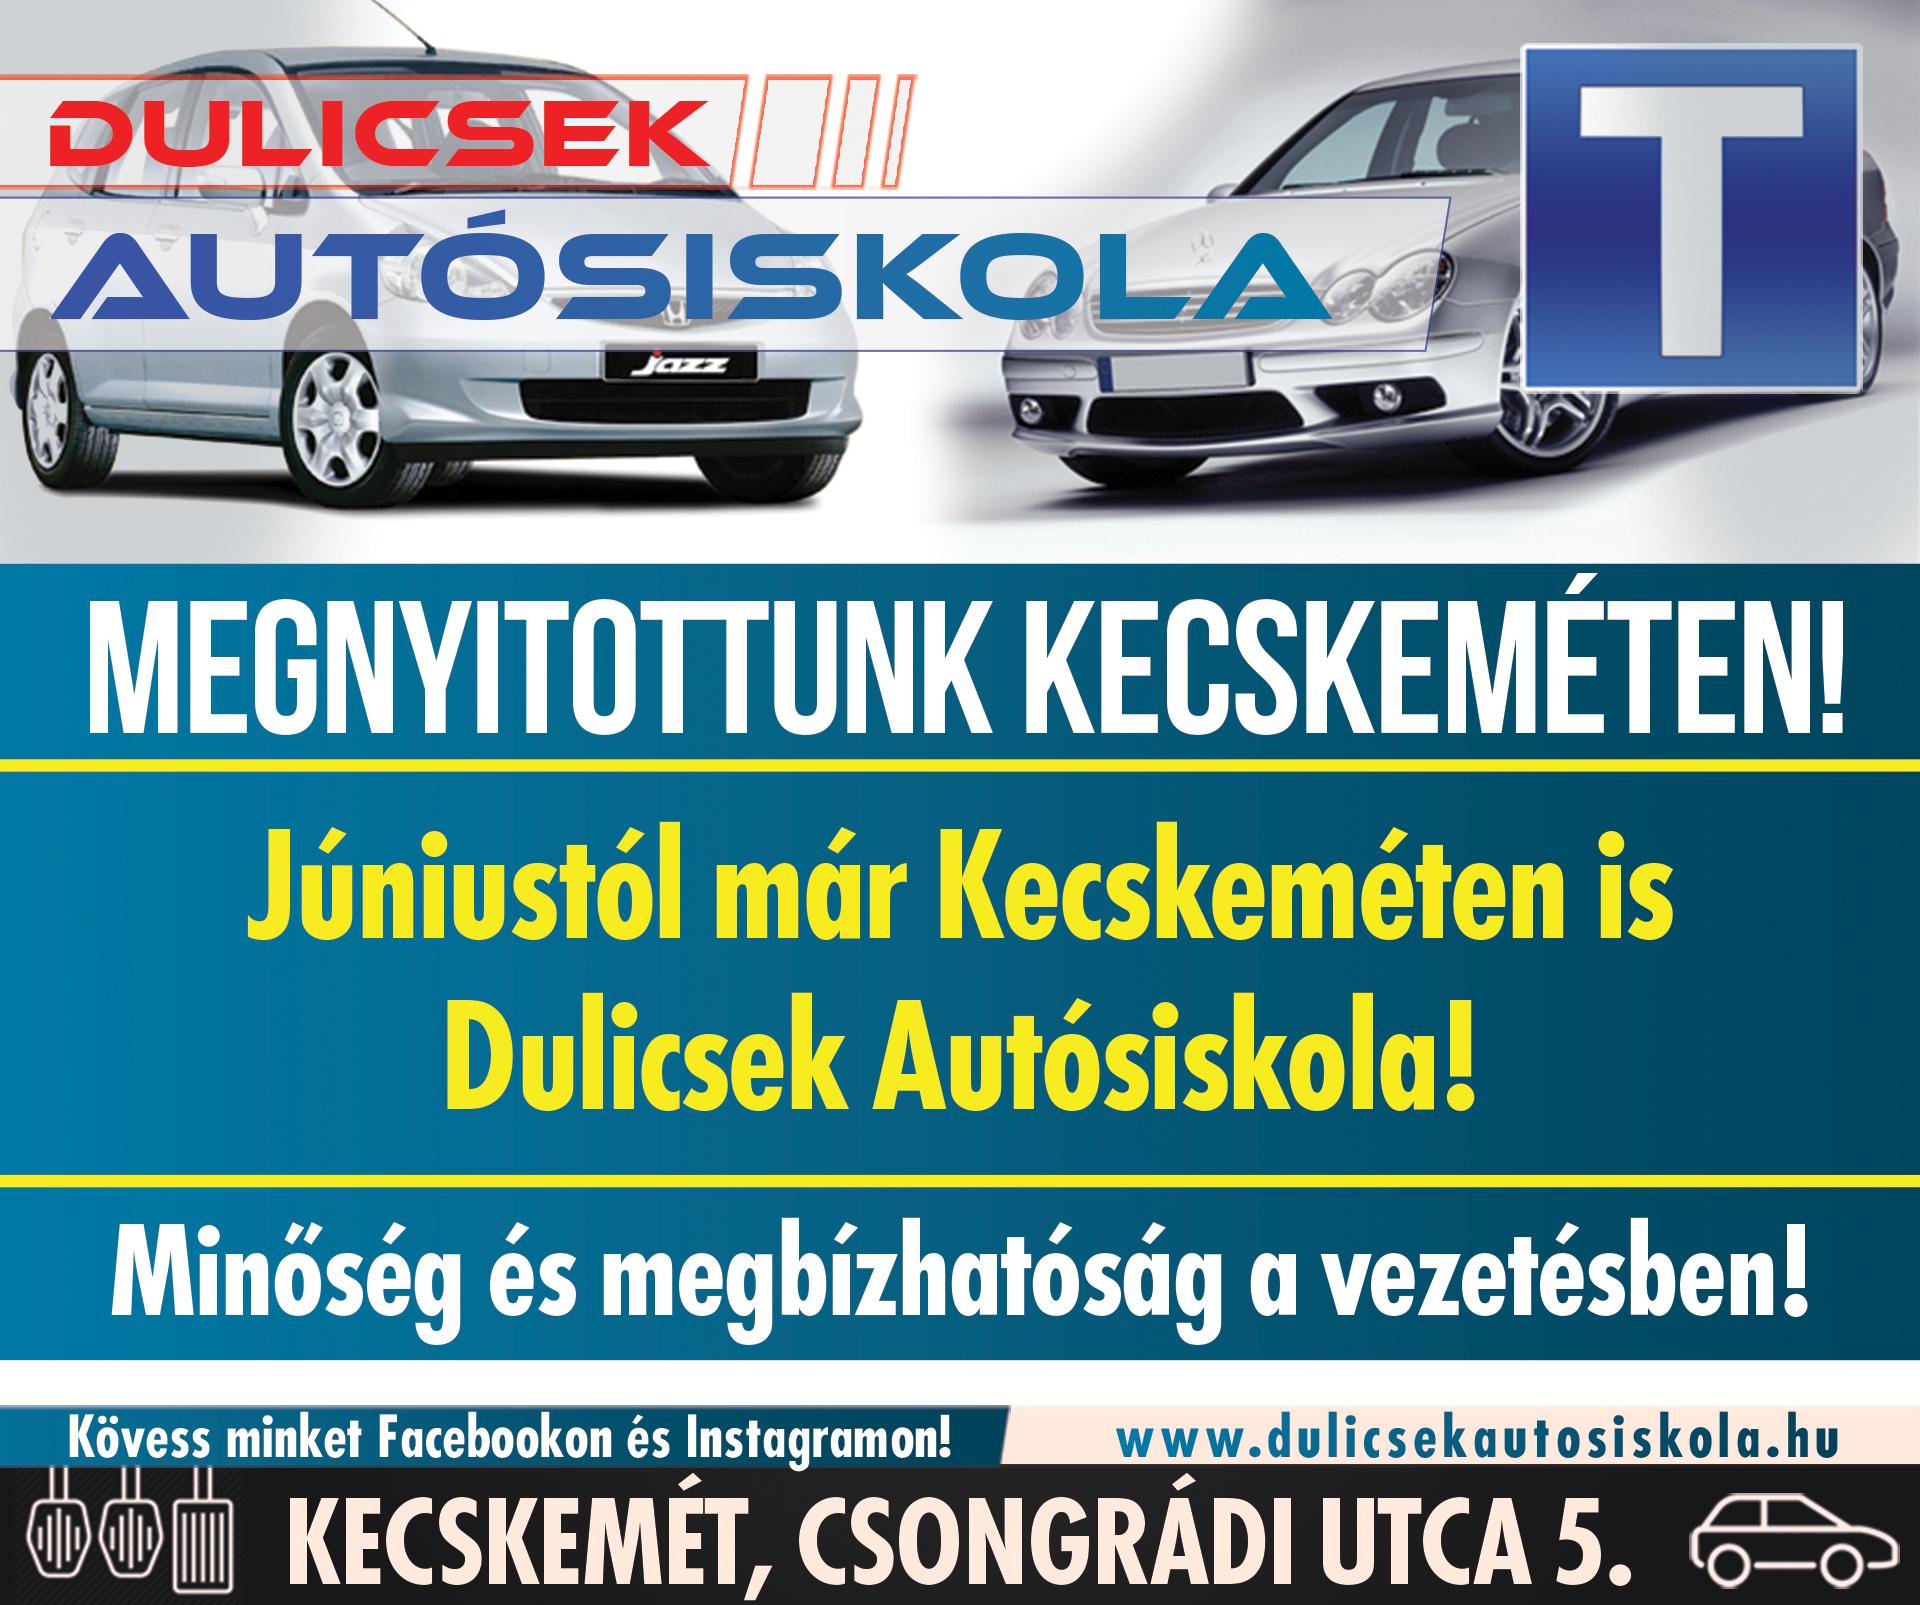 Dulicsek Autósiskola